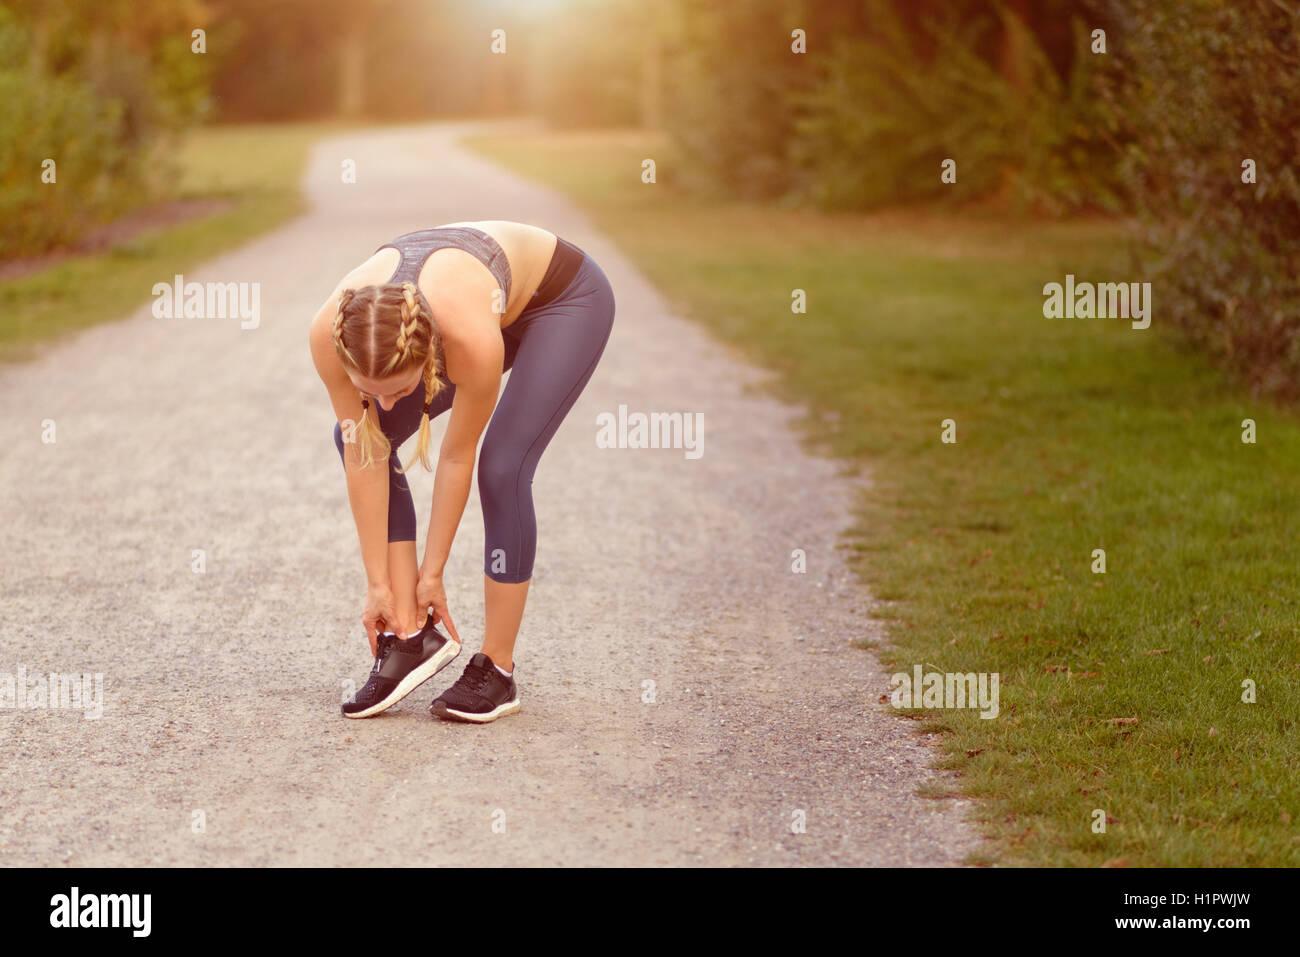 Giovane donna limbering up prima di partecipare al corso di formazione facendo esercizi di allungamento dei muscoli Immagini Stock